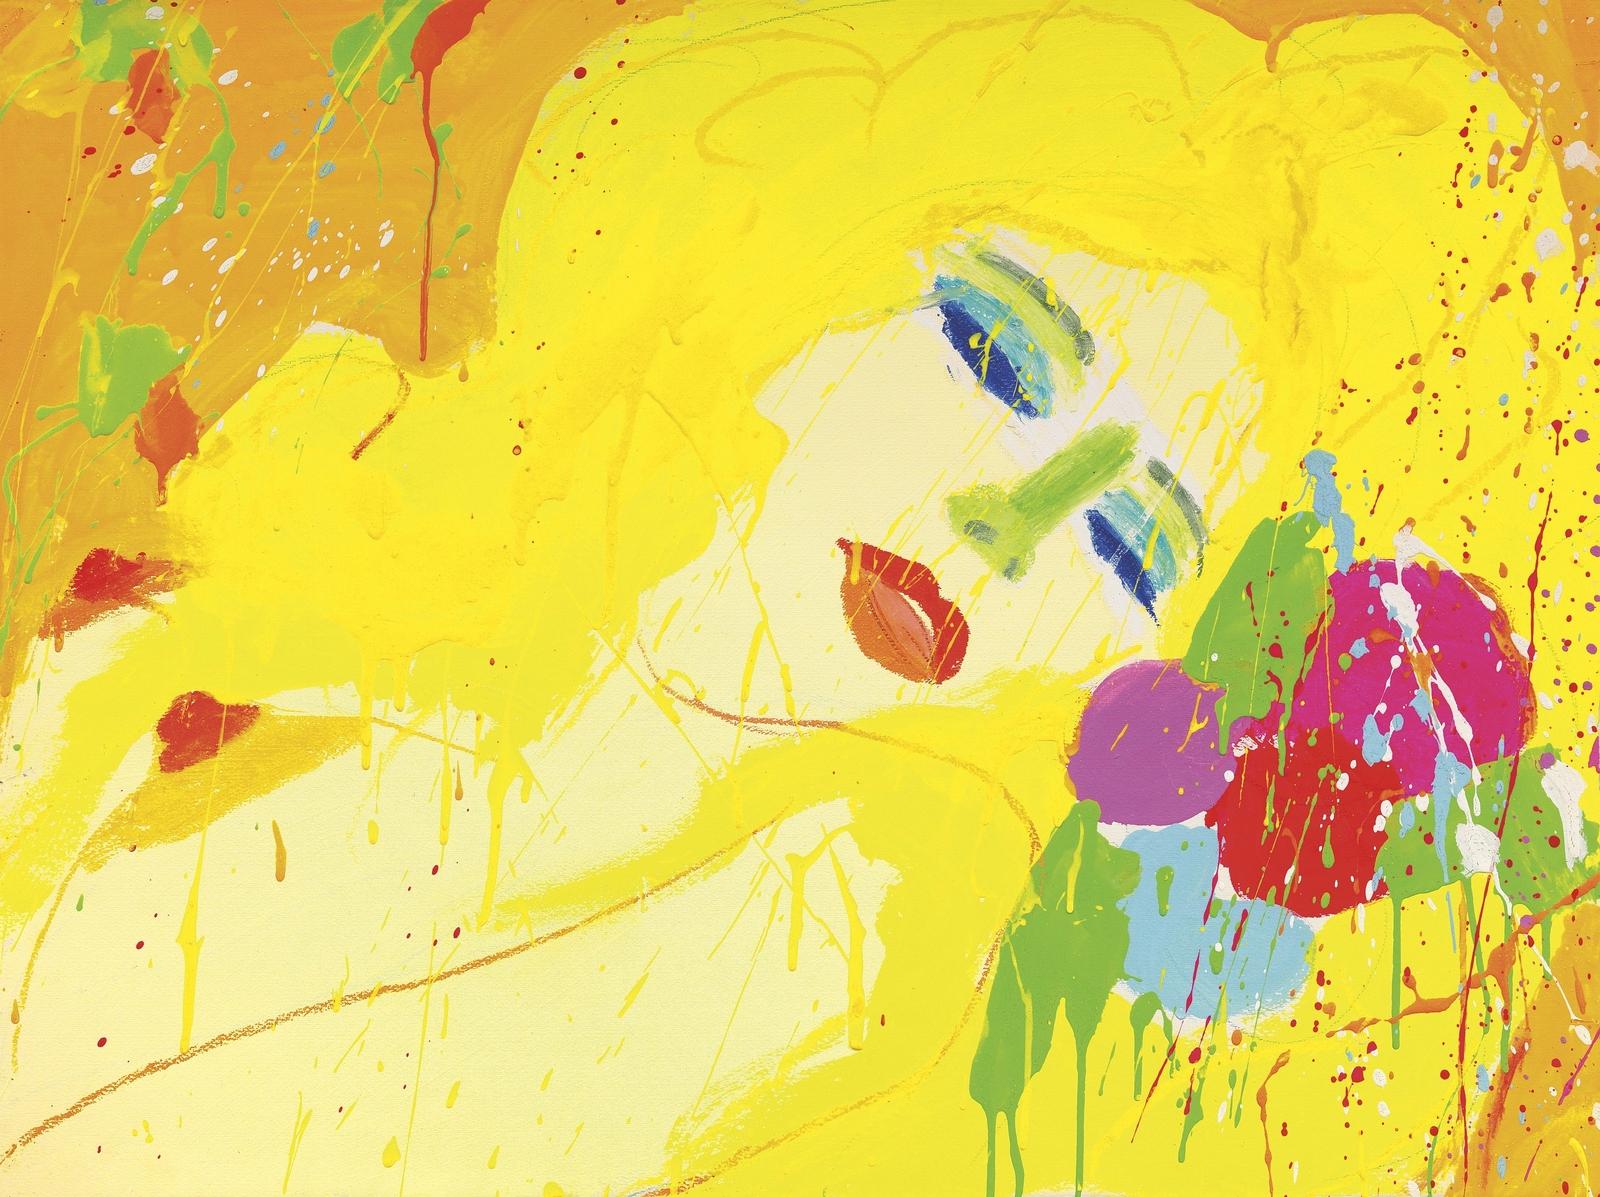 1973_Поцелуй, поцелуй (Женщина с желтыми волосами) (A Kiss, A Kiss (Lady with Yellow Hair))_56 x 76_бумага, акрил и пастель_Частное собрание.jpg